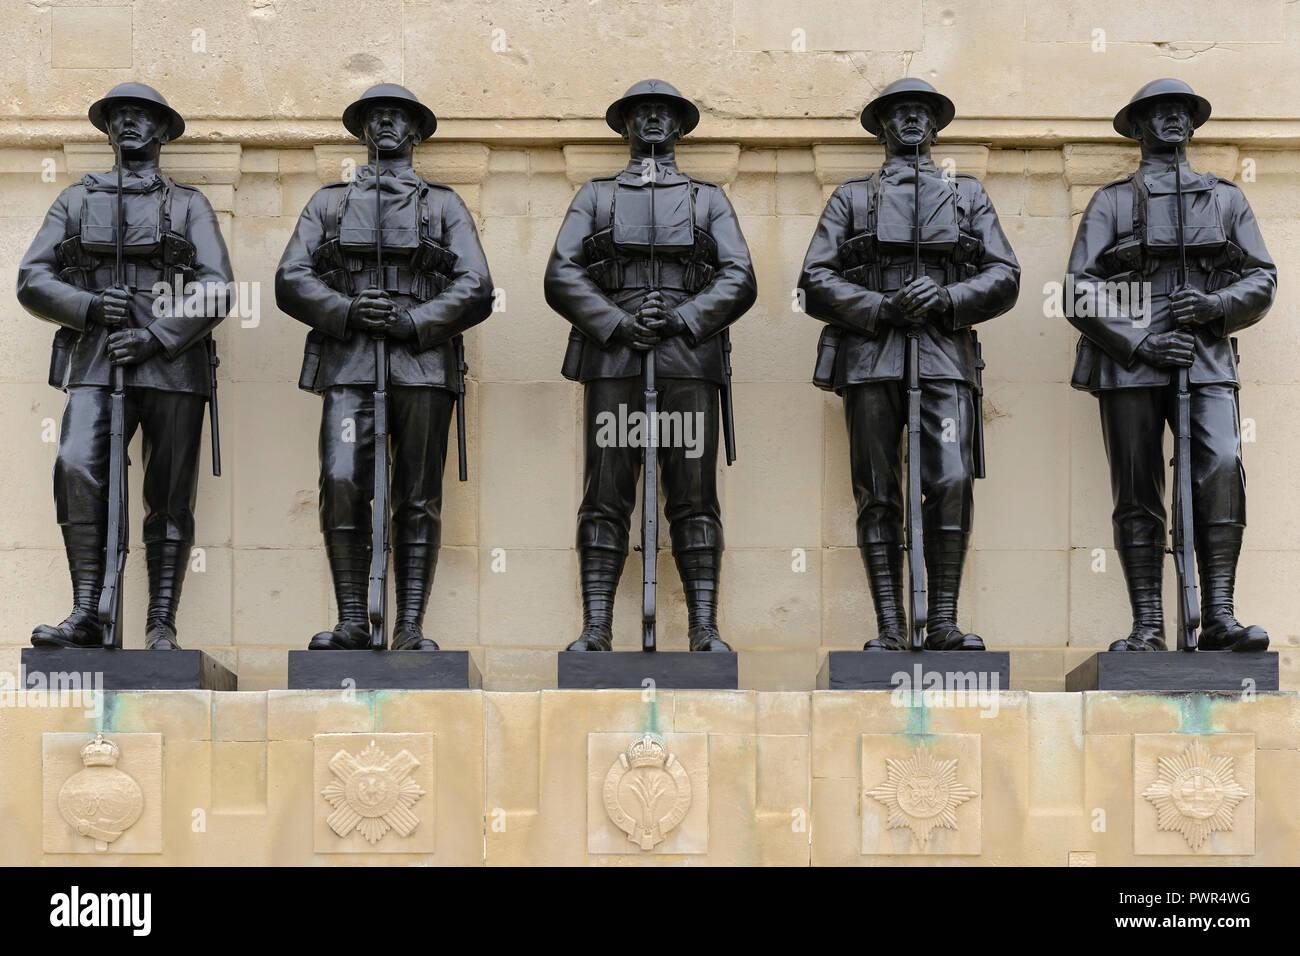 Los guardias Memorial, St James Park, el Desfile de los guardias a caballo, Londres, Reino Unido. Imagen De Stock